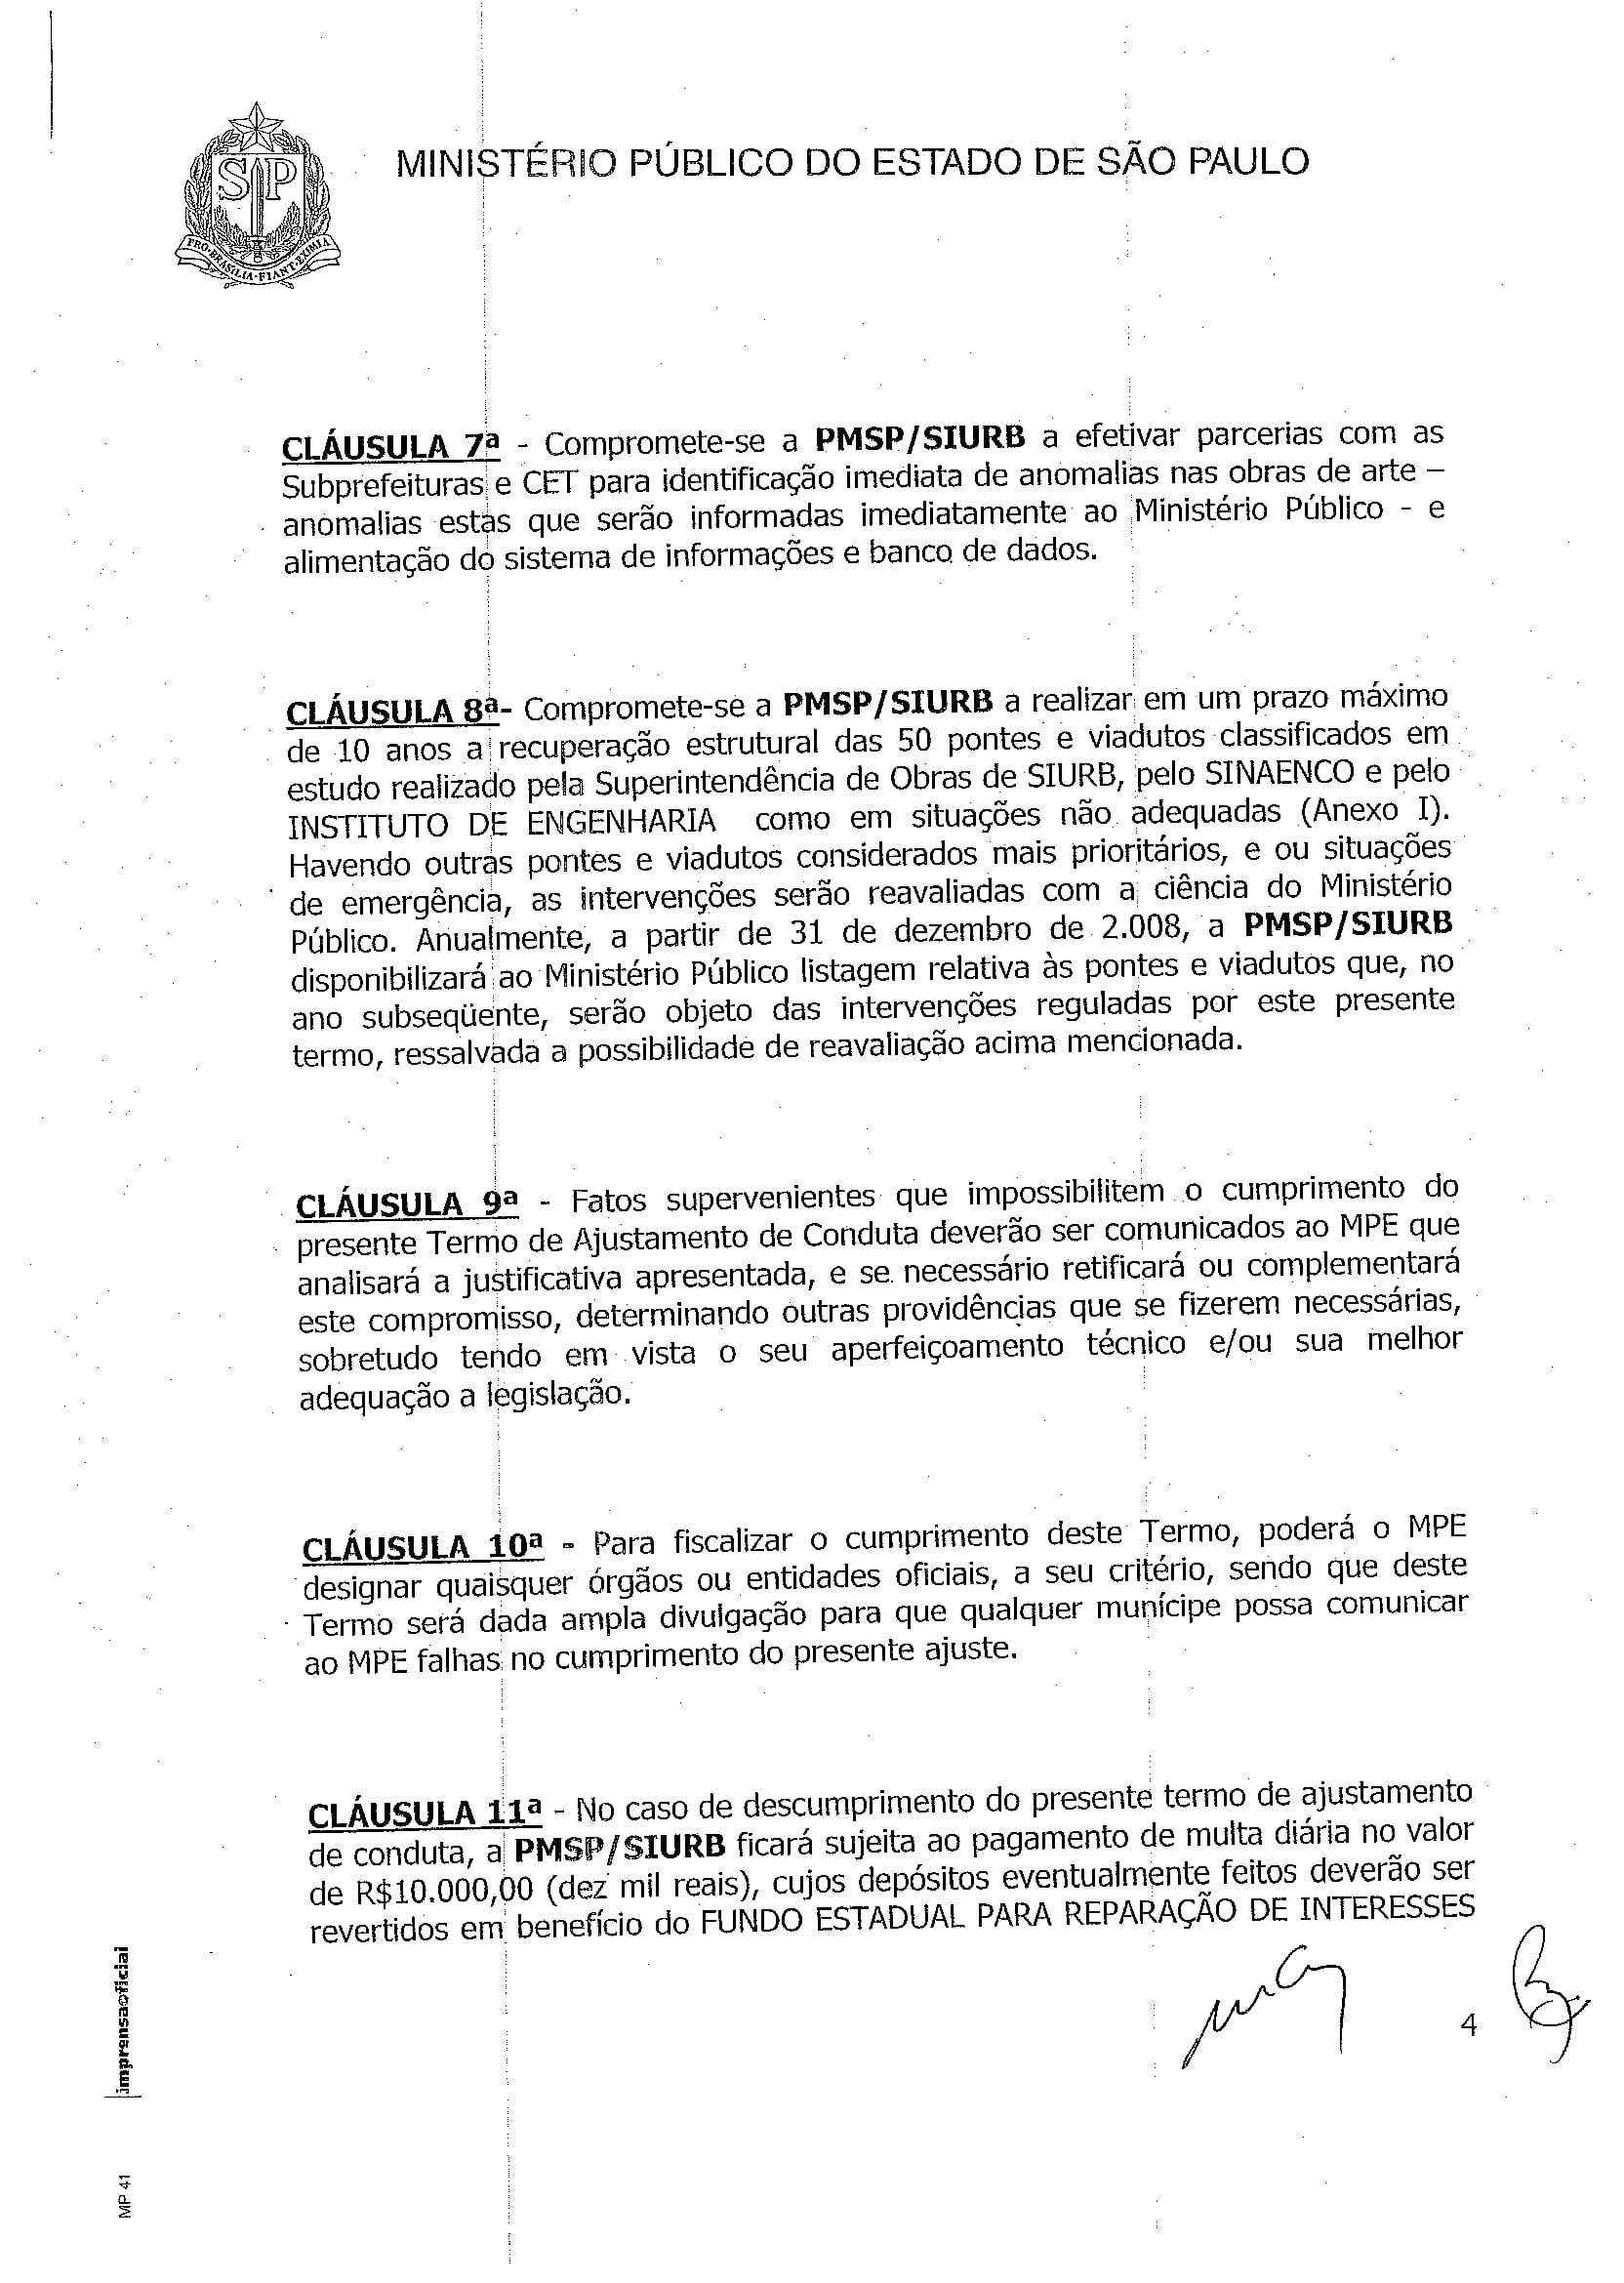 07 31 2007 TAC viadutos e pontes pj Haburb Amim Filho-4